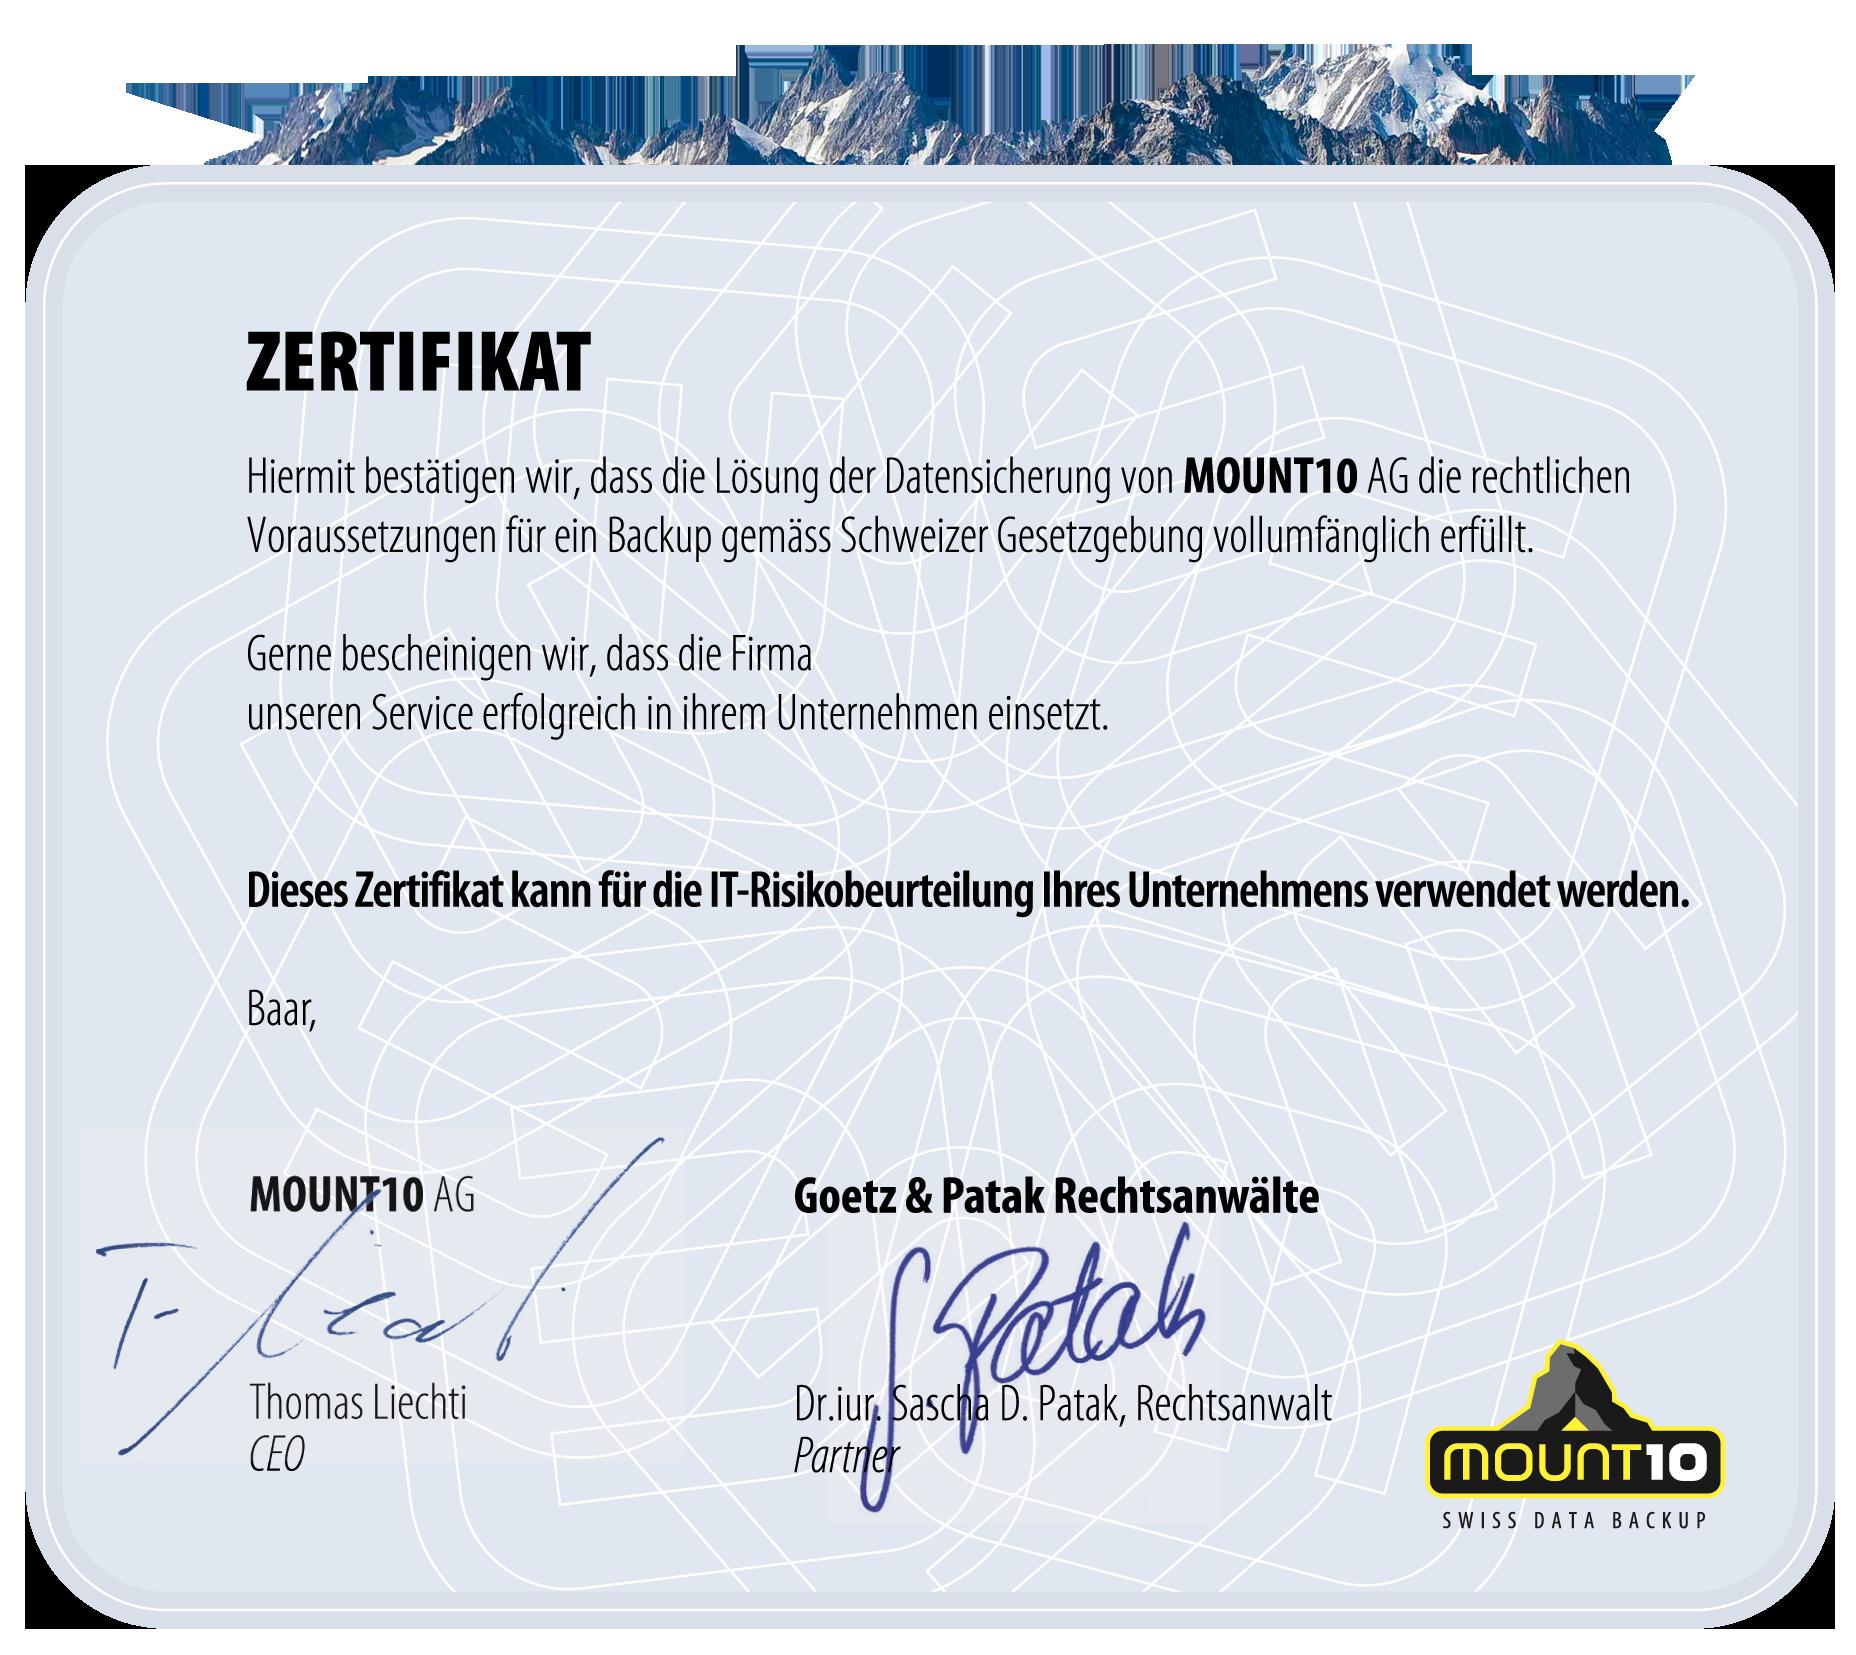 M10-Zertifikat